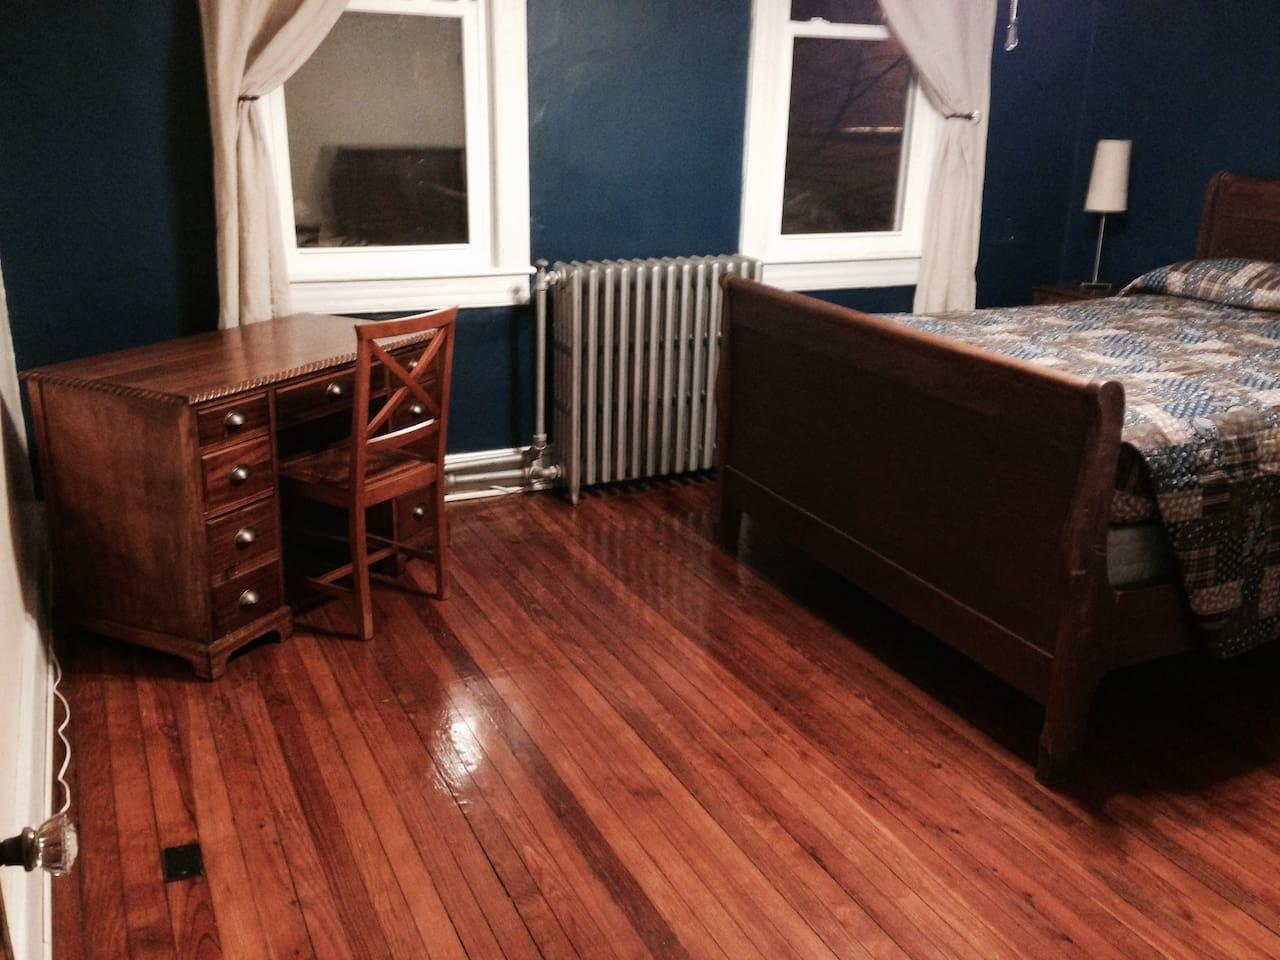 Hardwood floors, comfortable queen-sized bed